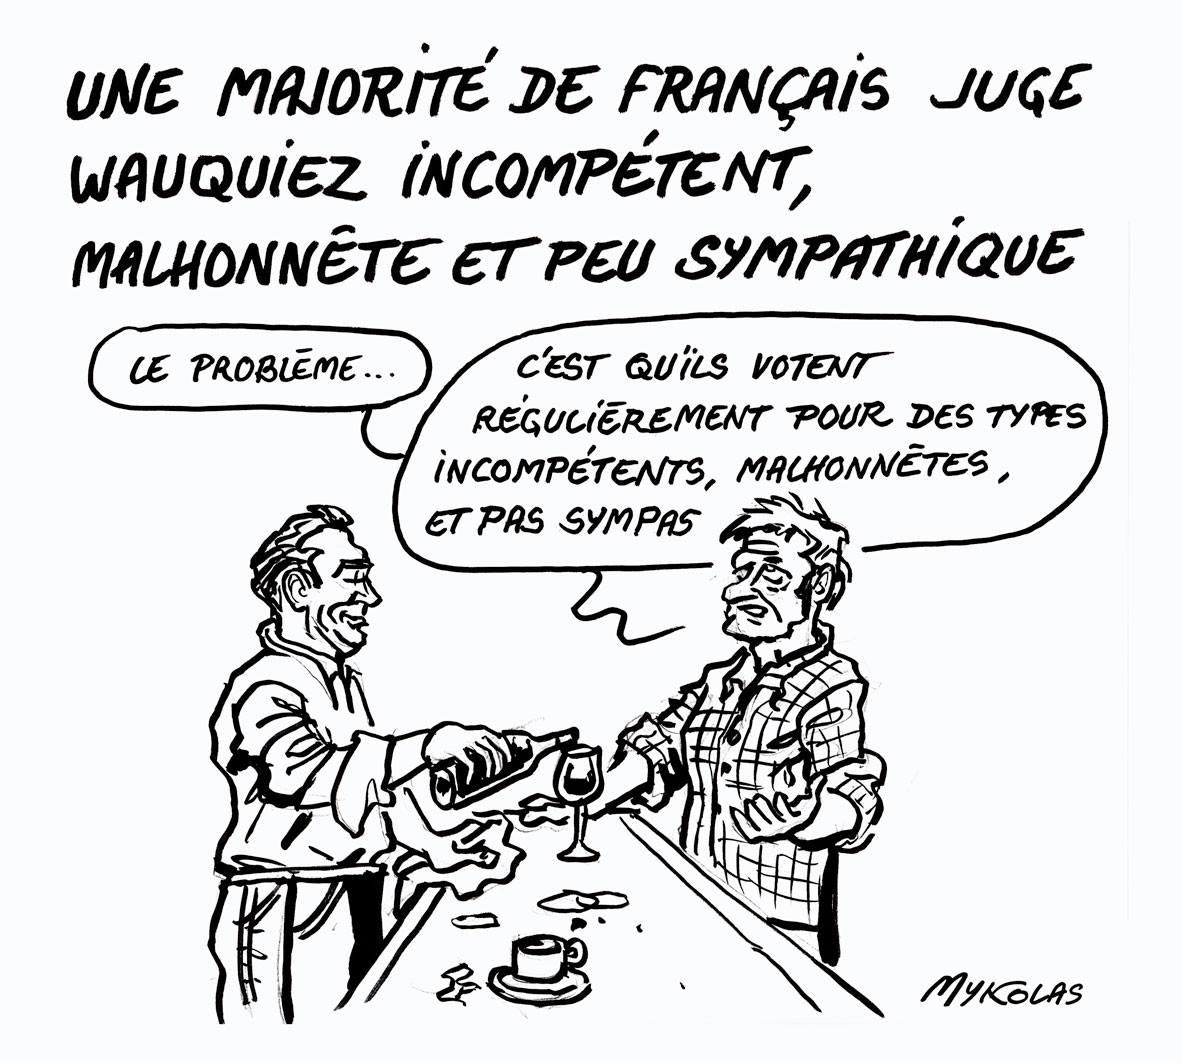 dessin humoristique d'un français parlant de Laurent Wauquiez